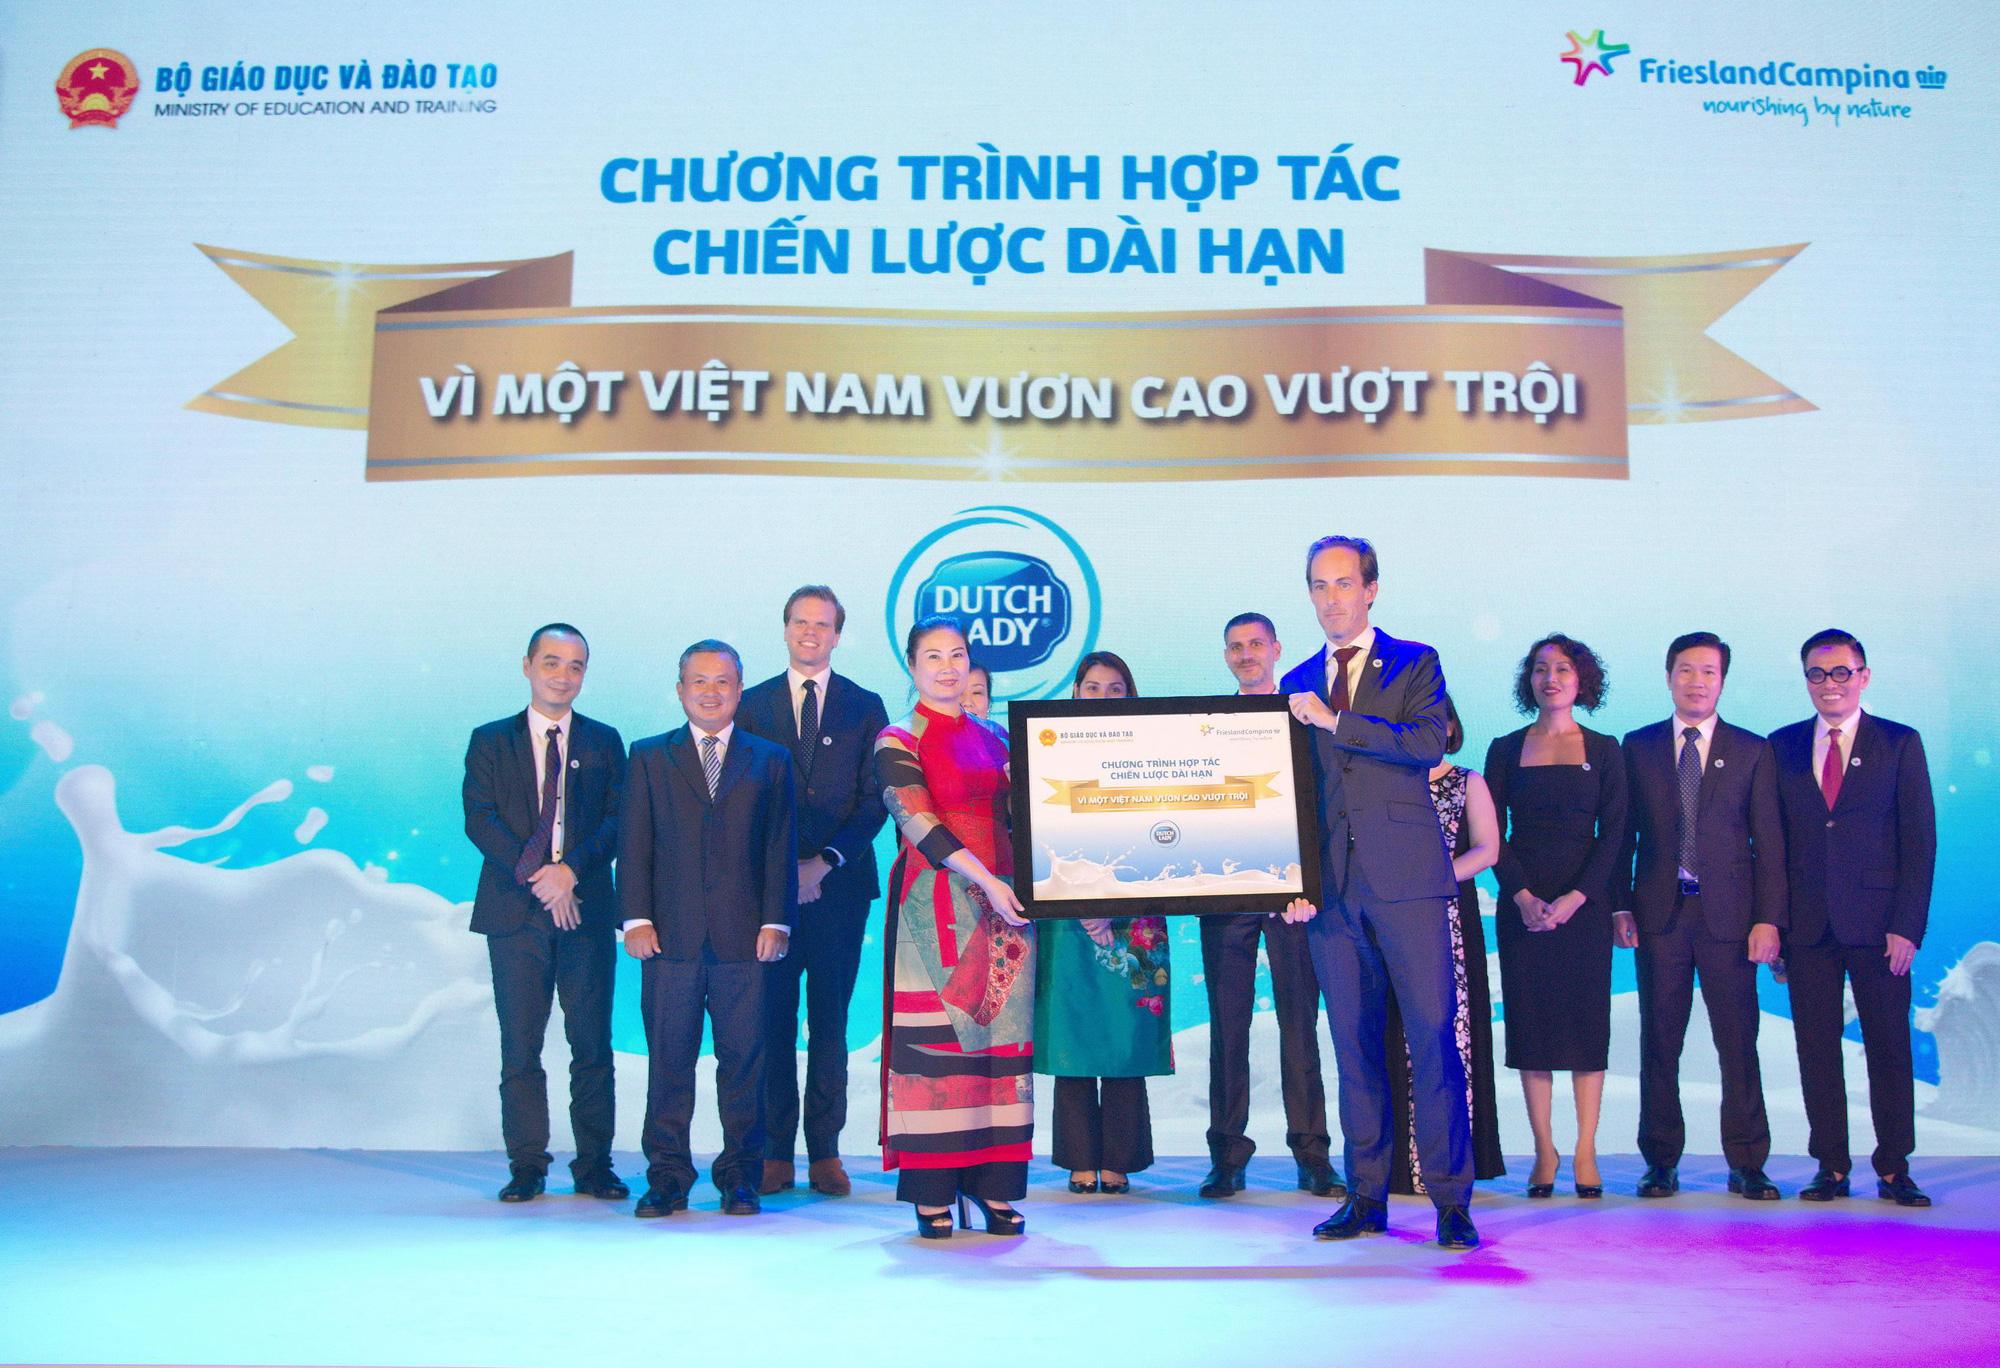 """FrieslandCampina Việt Nam đánh dấu 25 năm hoạt động thành công với sứ mệnh """"Vì một Việt Nam vươn cao vượt trội"""" - Ảnh 1."""